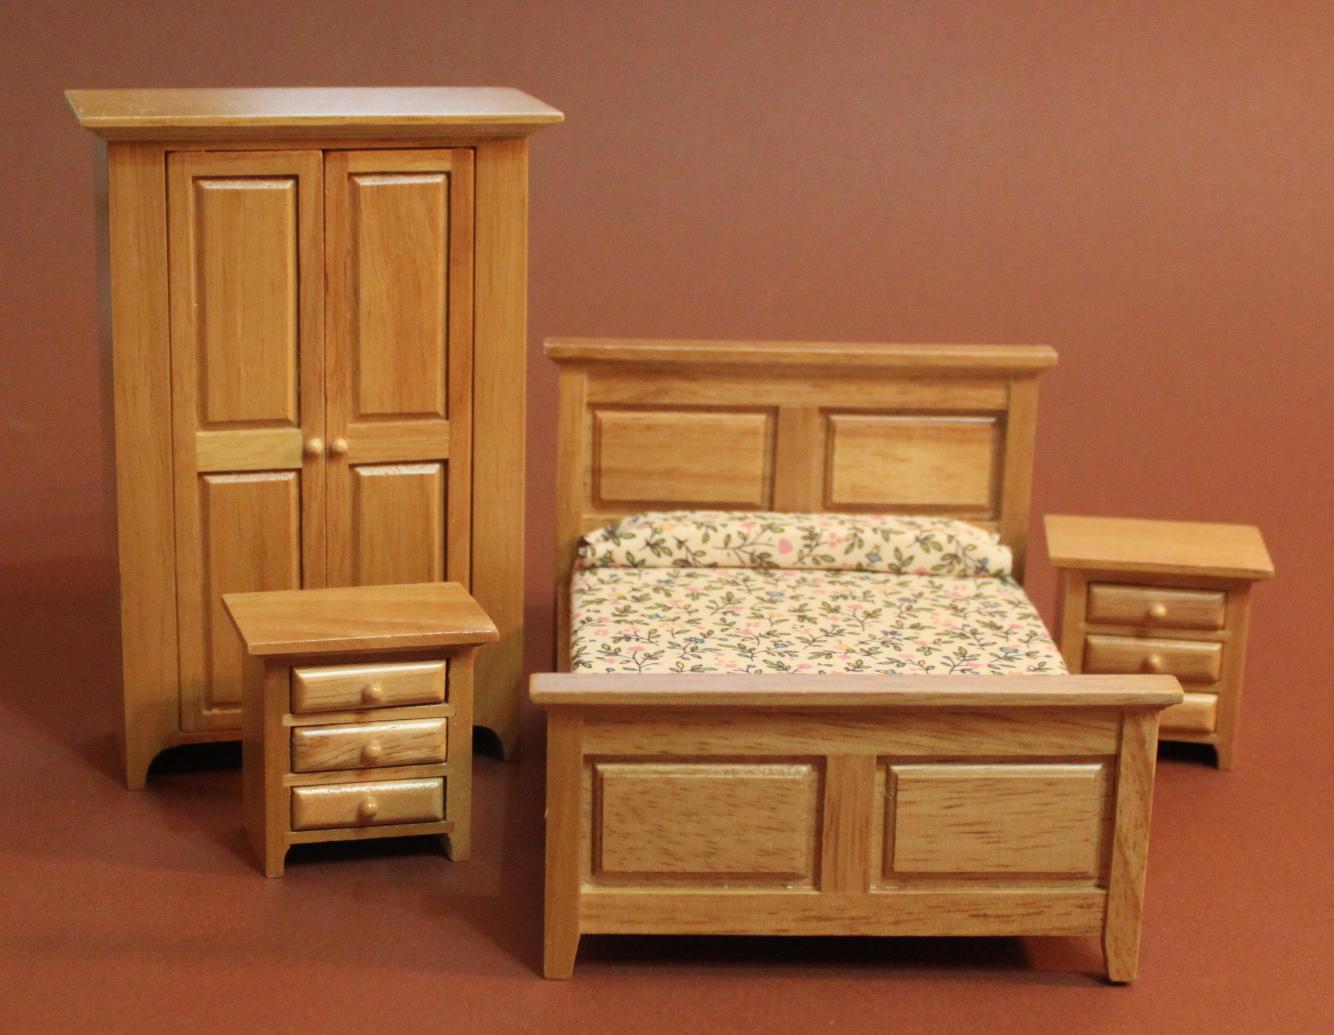 Schlafzimmer In Braun Swisttaler Puppenstuebchen